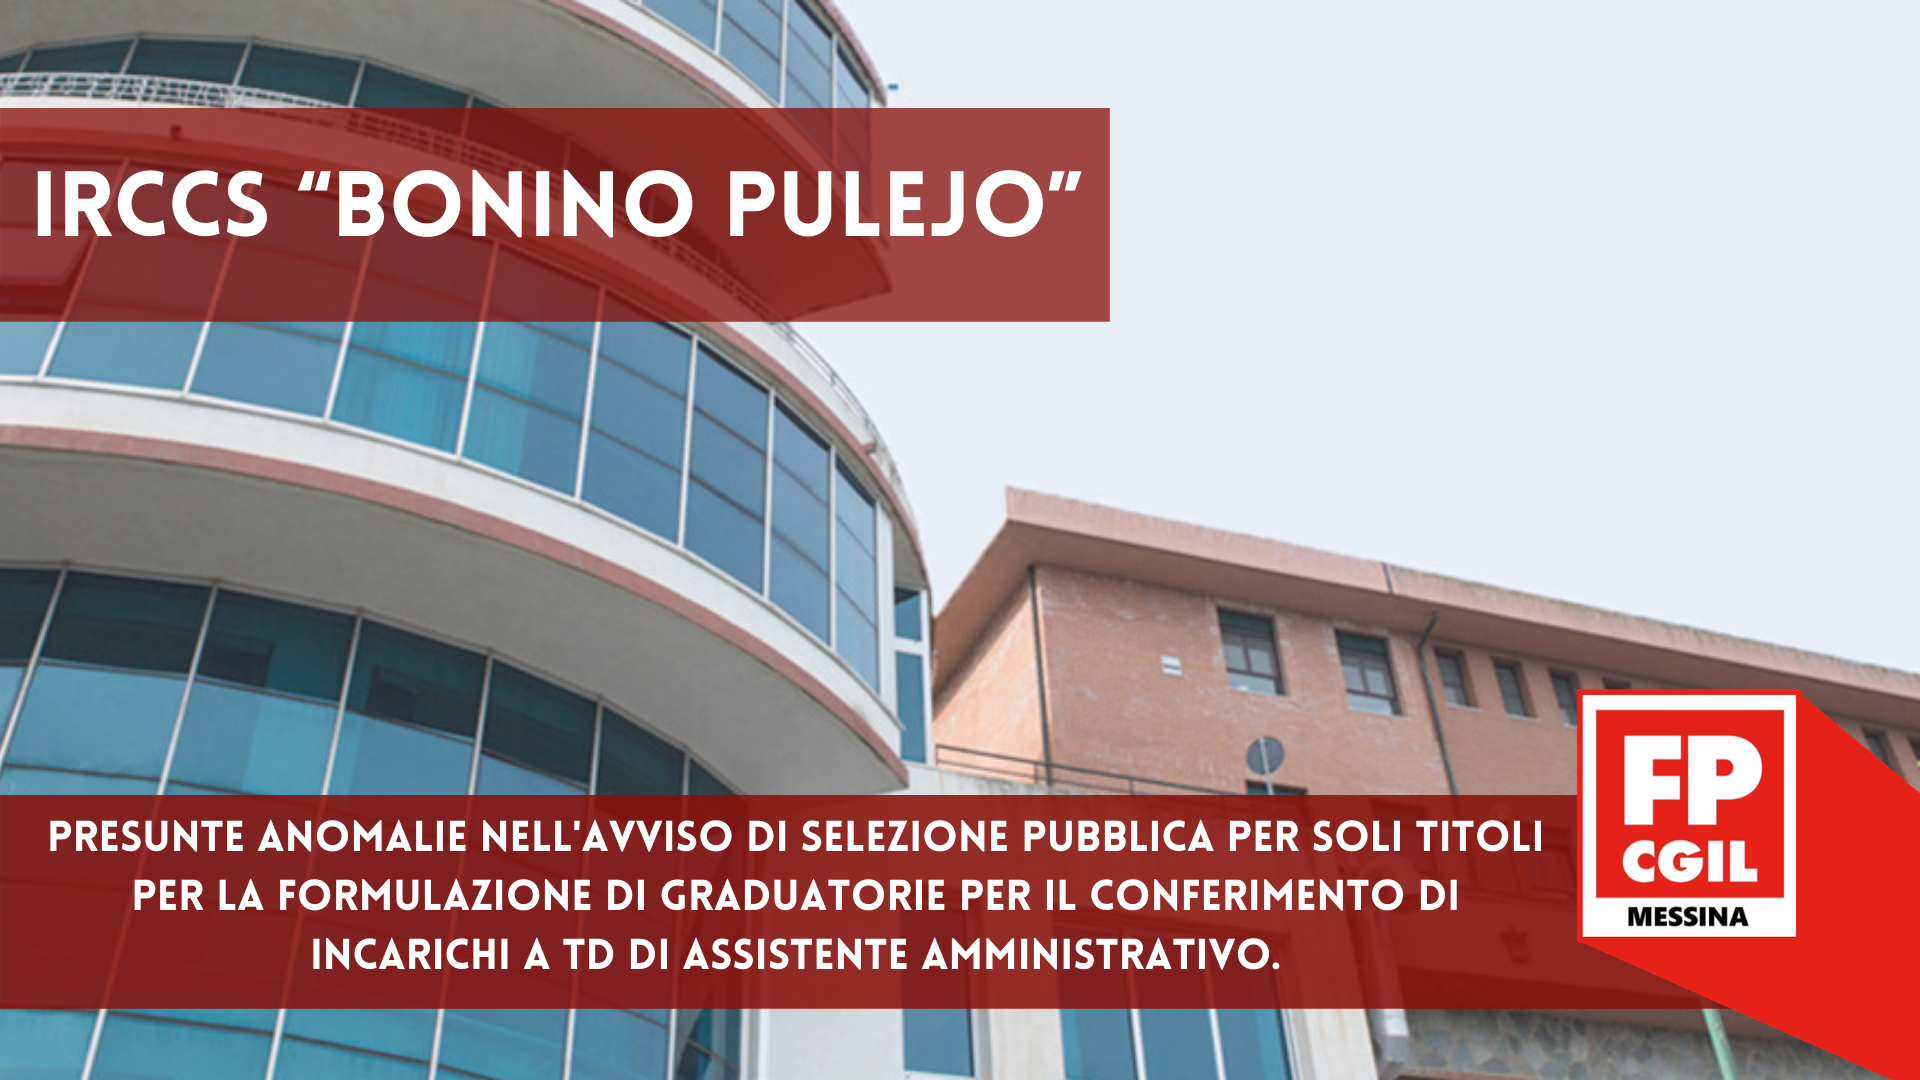 """IRCCS """"Bonino Pulejo"""" – Presunte anomalie nell'avviso di selezione pubblica per soli titoli per la formulazione di graduatorie per il conferimento di incarichi a TD di assistente amministrativo."""